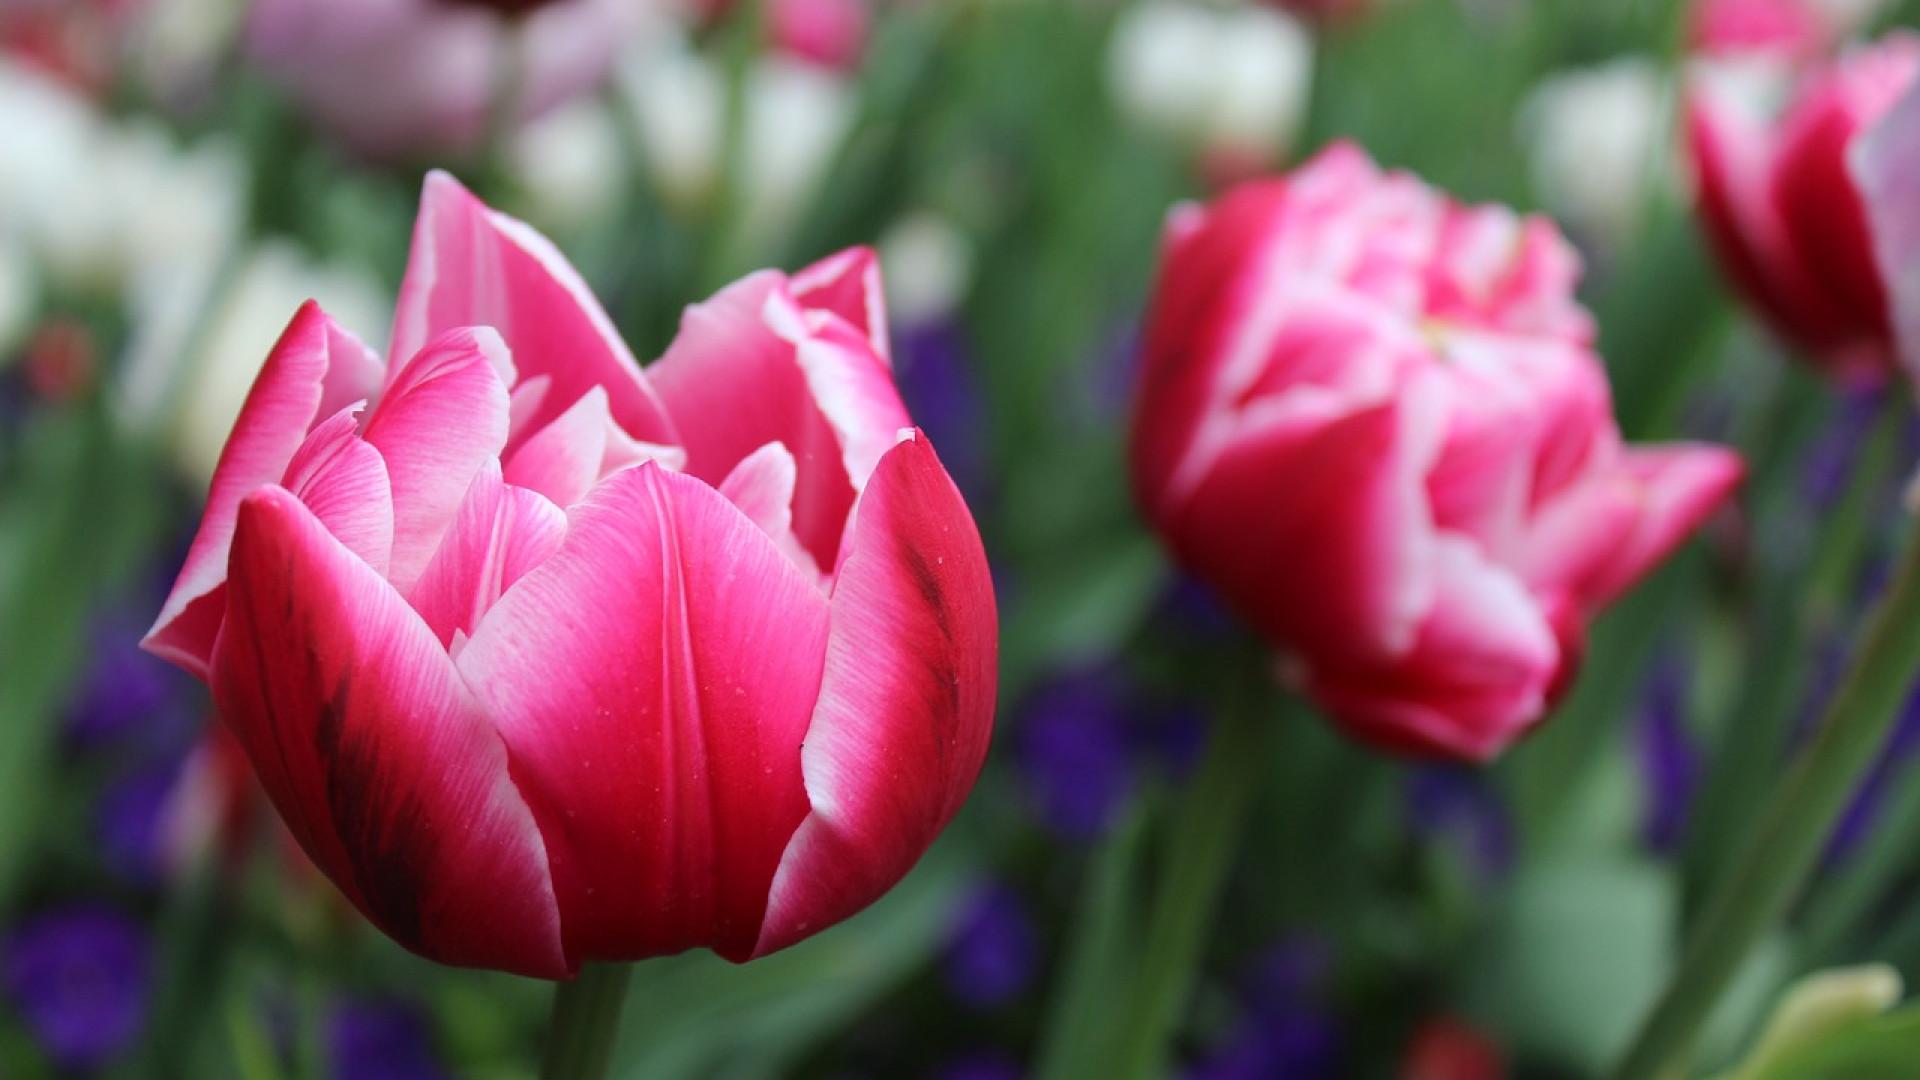 c5f4224bbc333064f01485f0d6dd62f9 - Avoir des tulipes dans le jardin au printemps